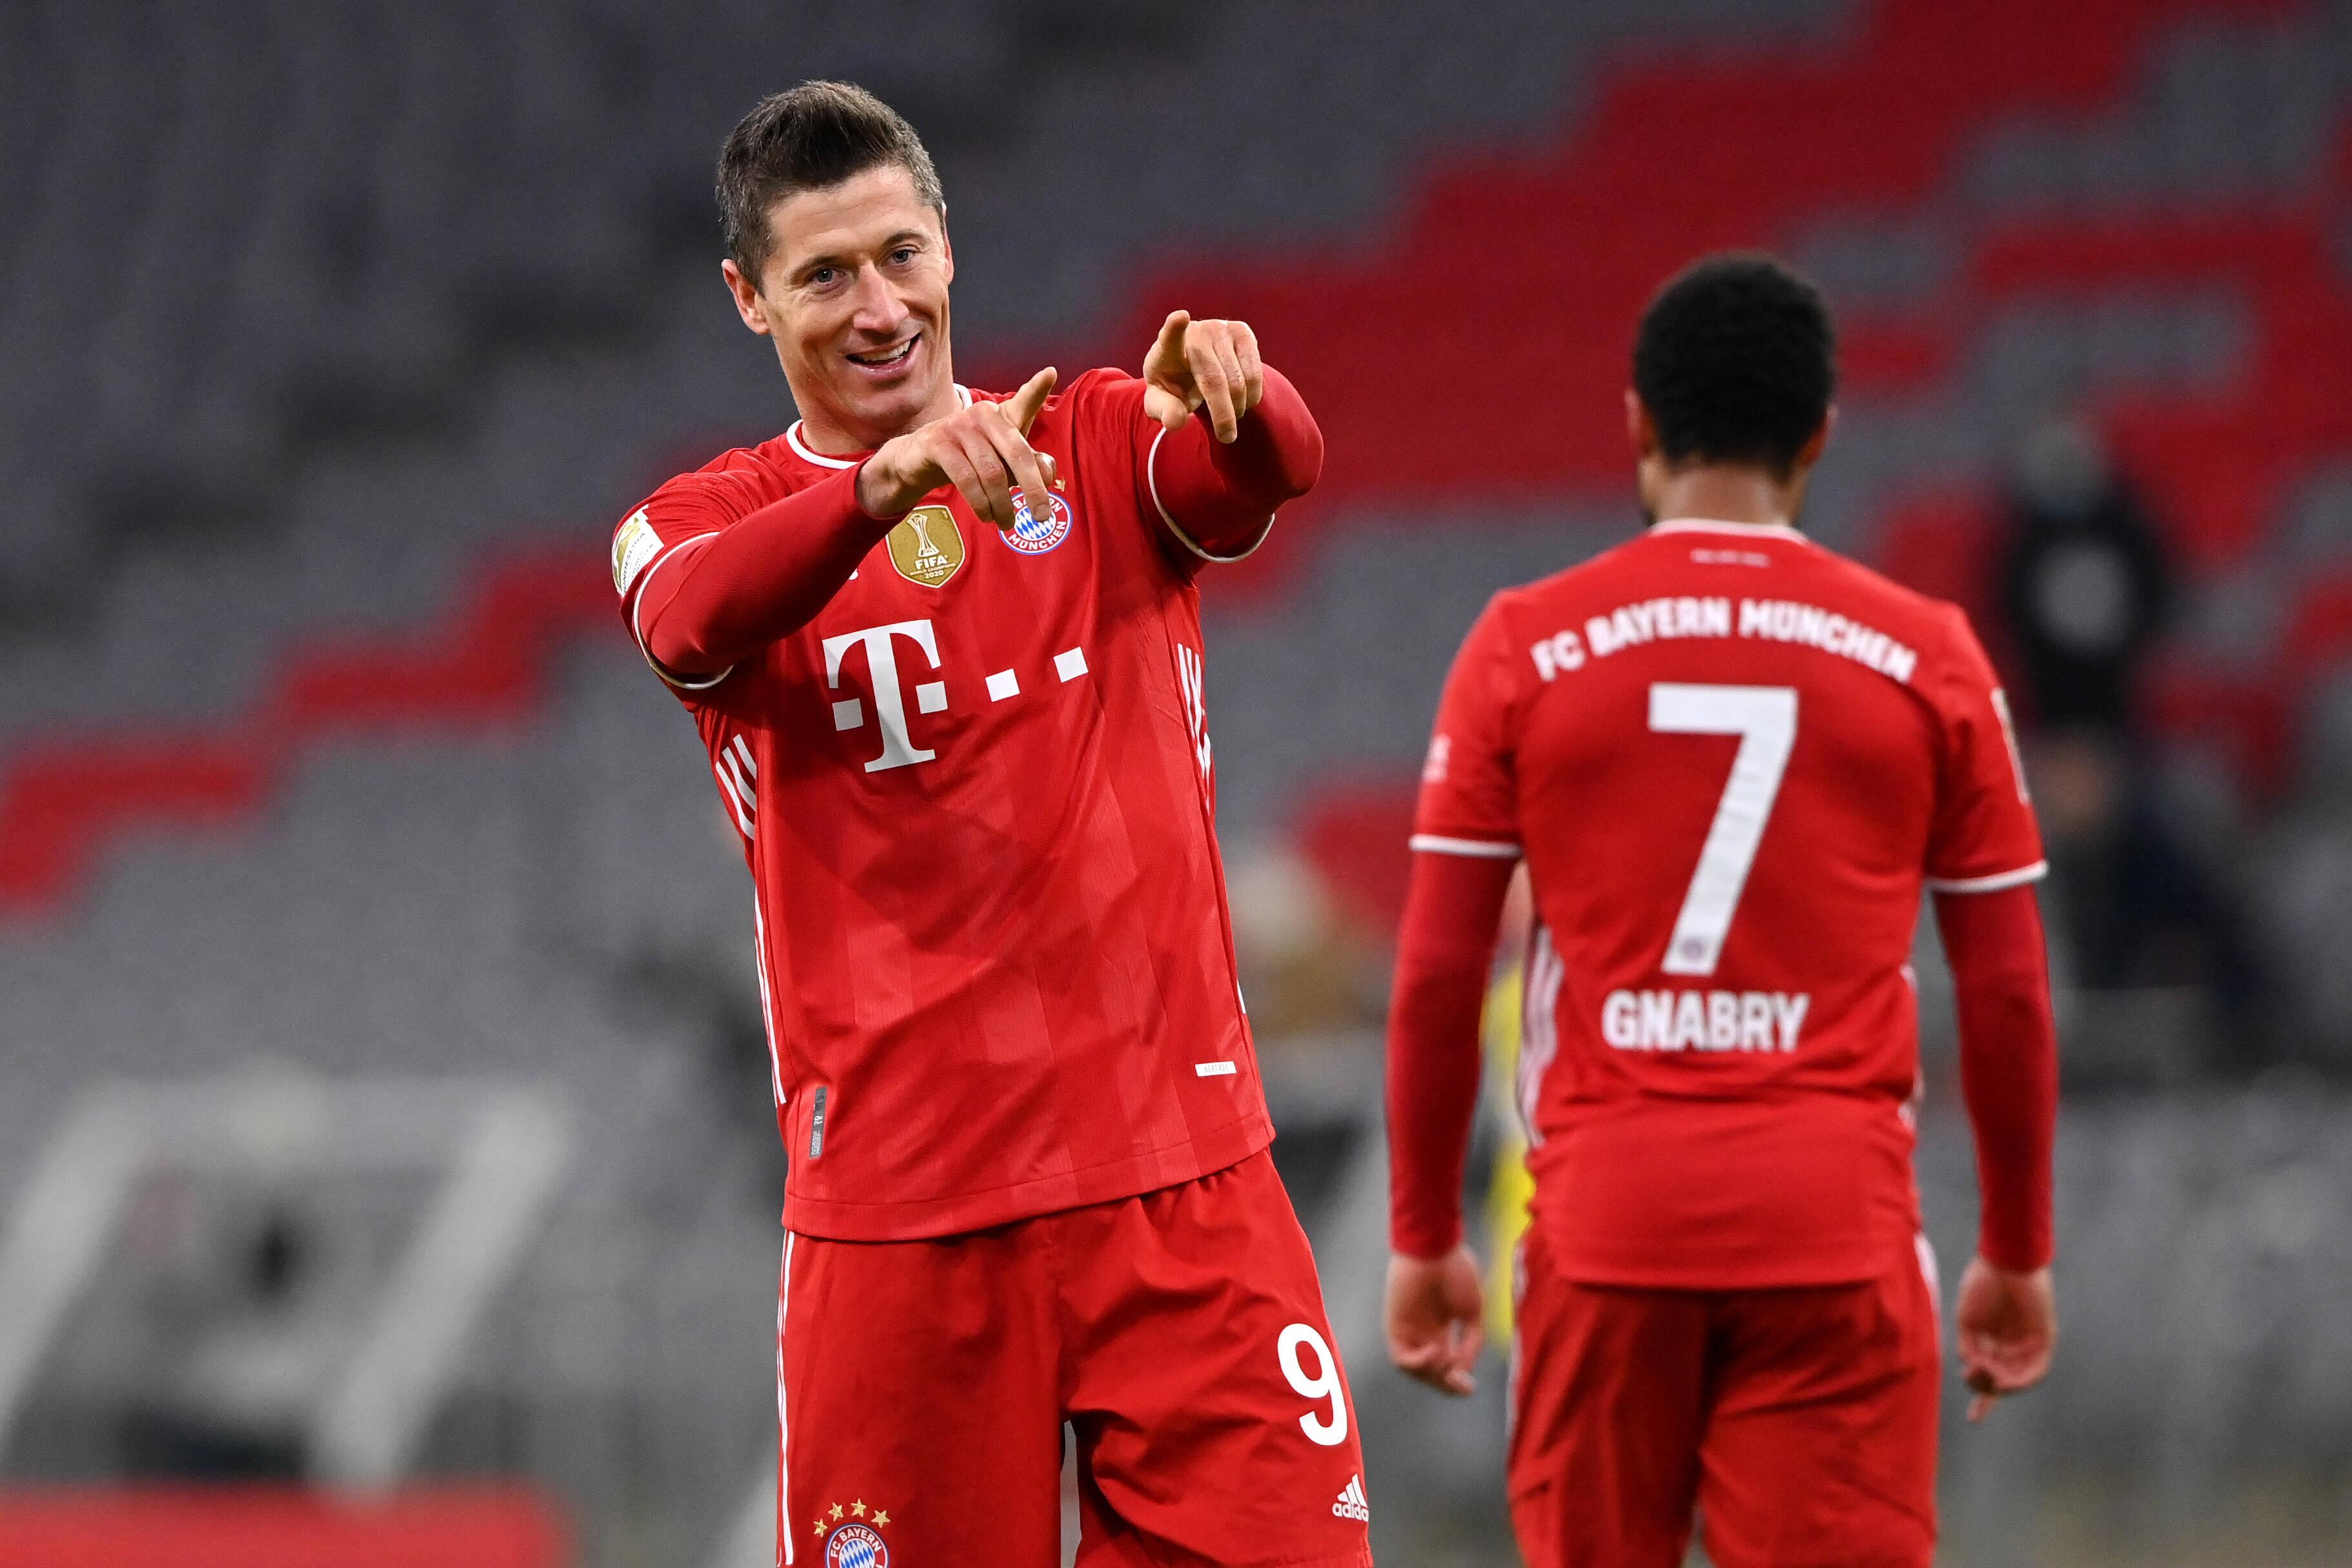 Lewandowski - Ganhos totais: US$ 35 milhões. Foto: Bayern de Munique/Reprodução